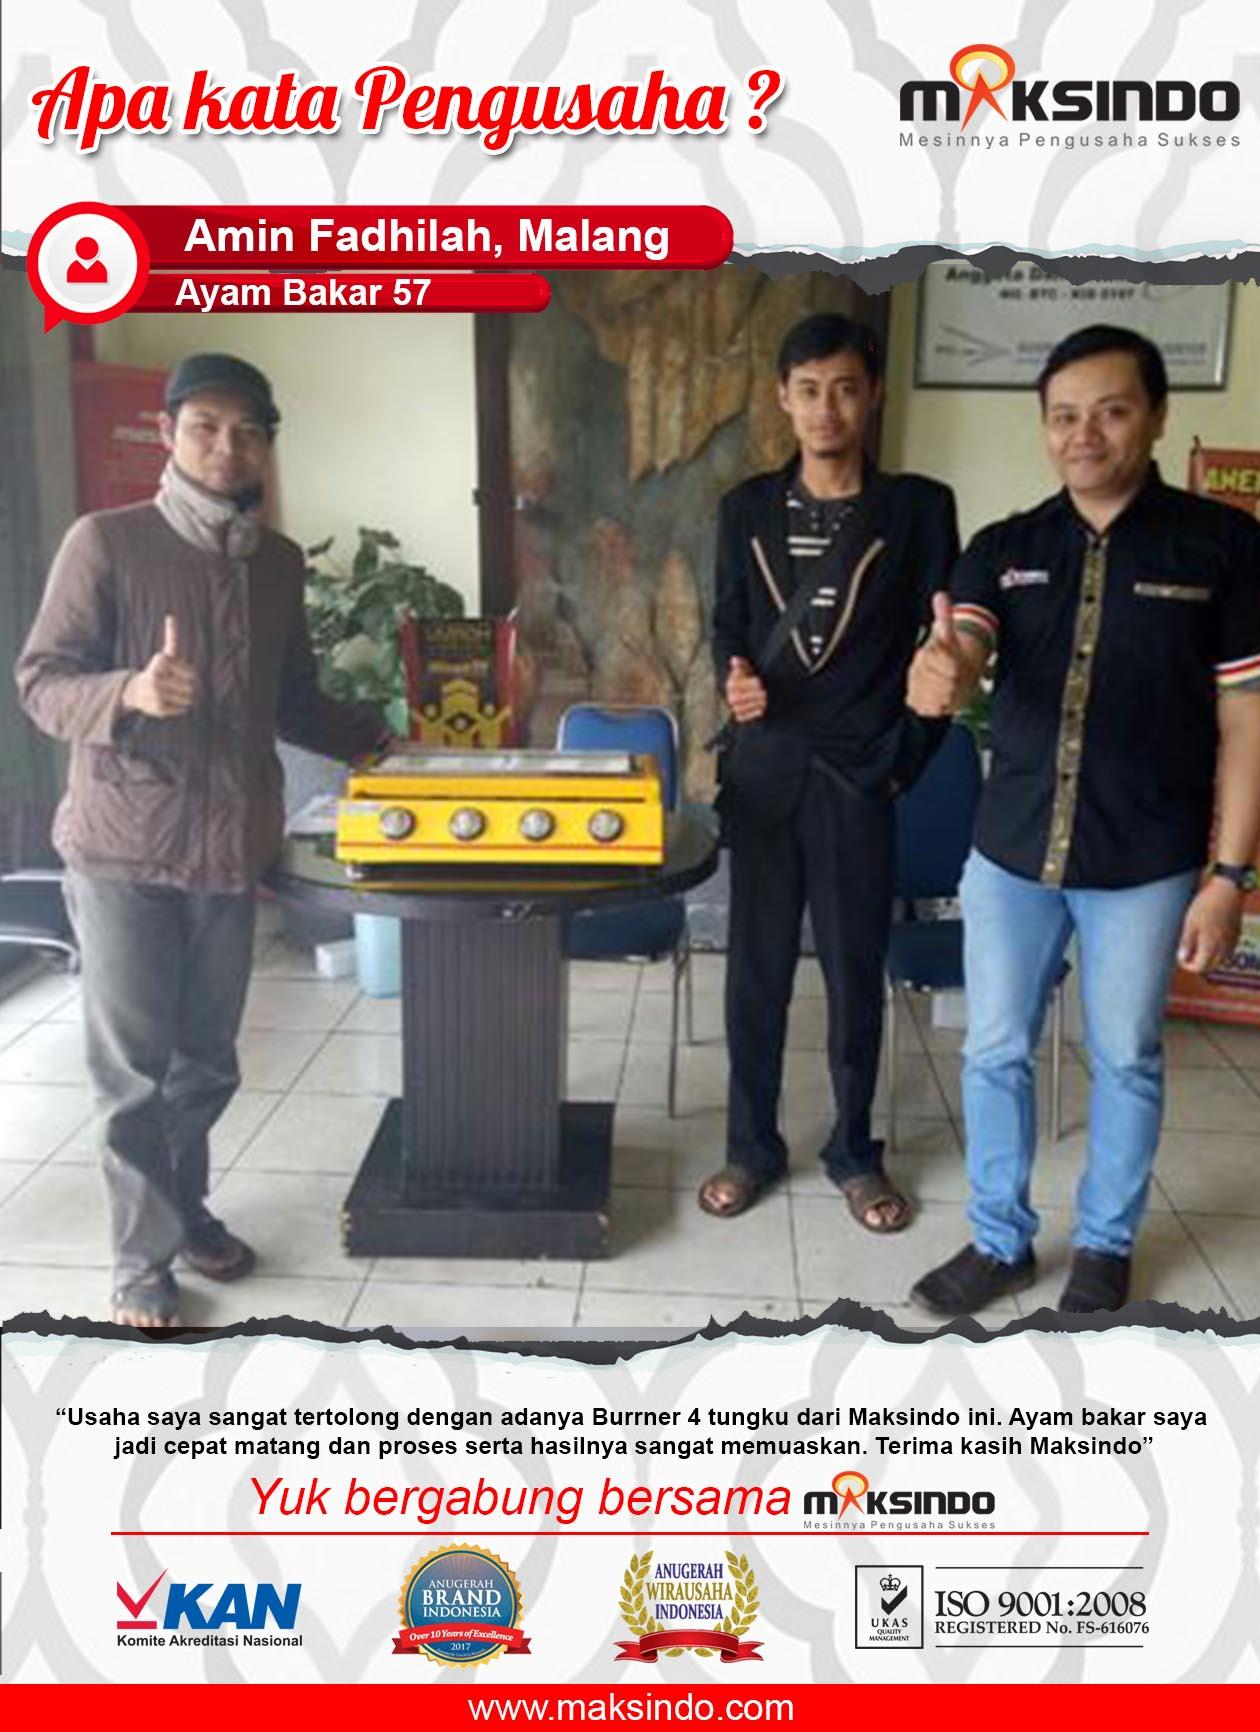 Ayam Bakar 57 : Usaha Sangat Terbantu Dengan Adanya Mesin Burner 4 Tungku Maksindo